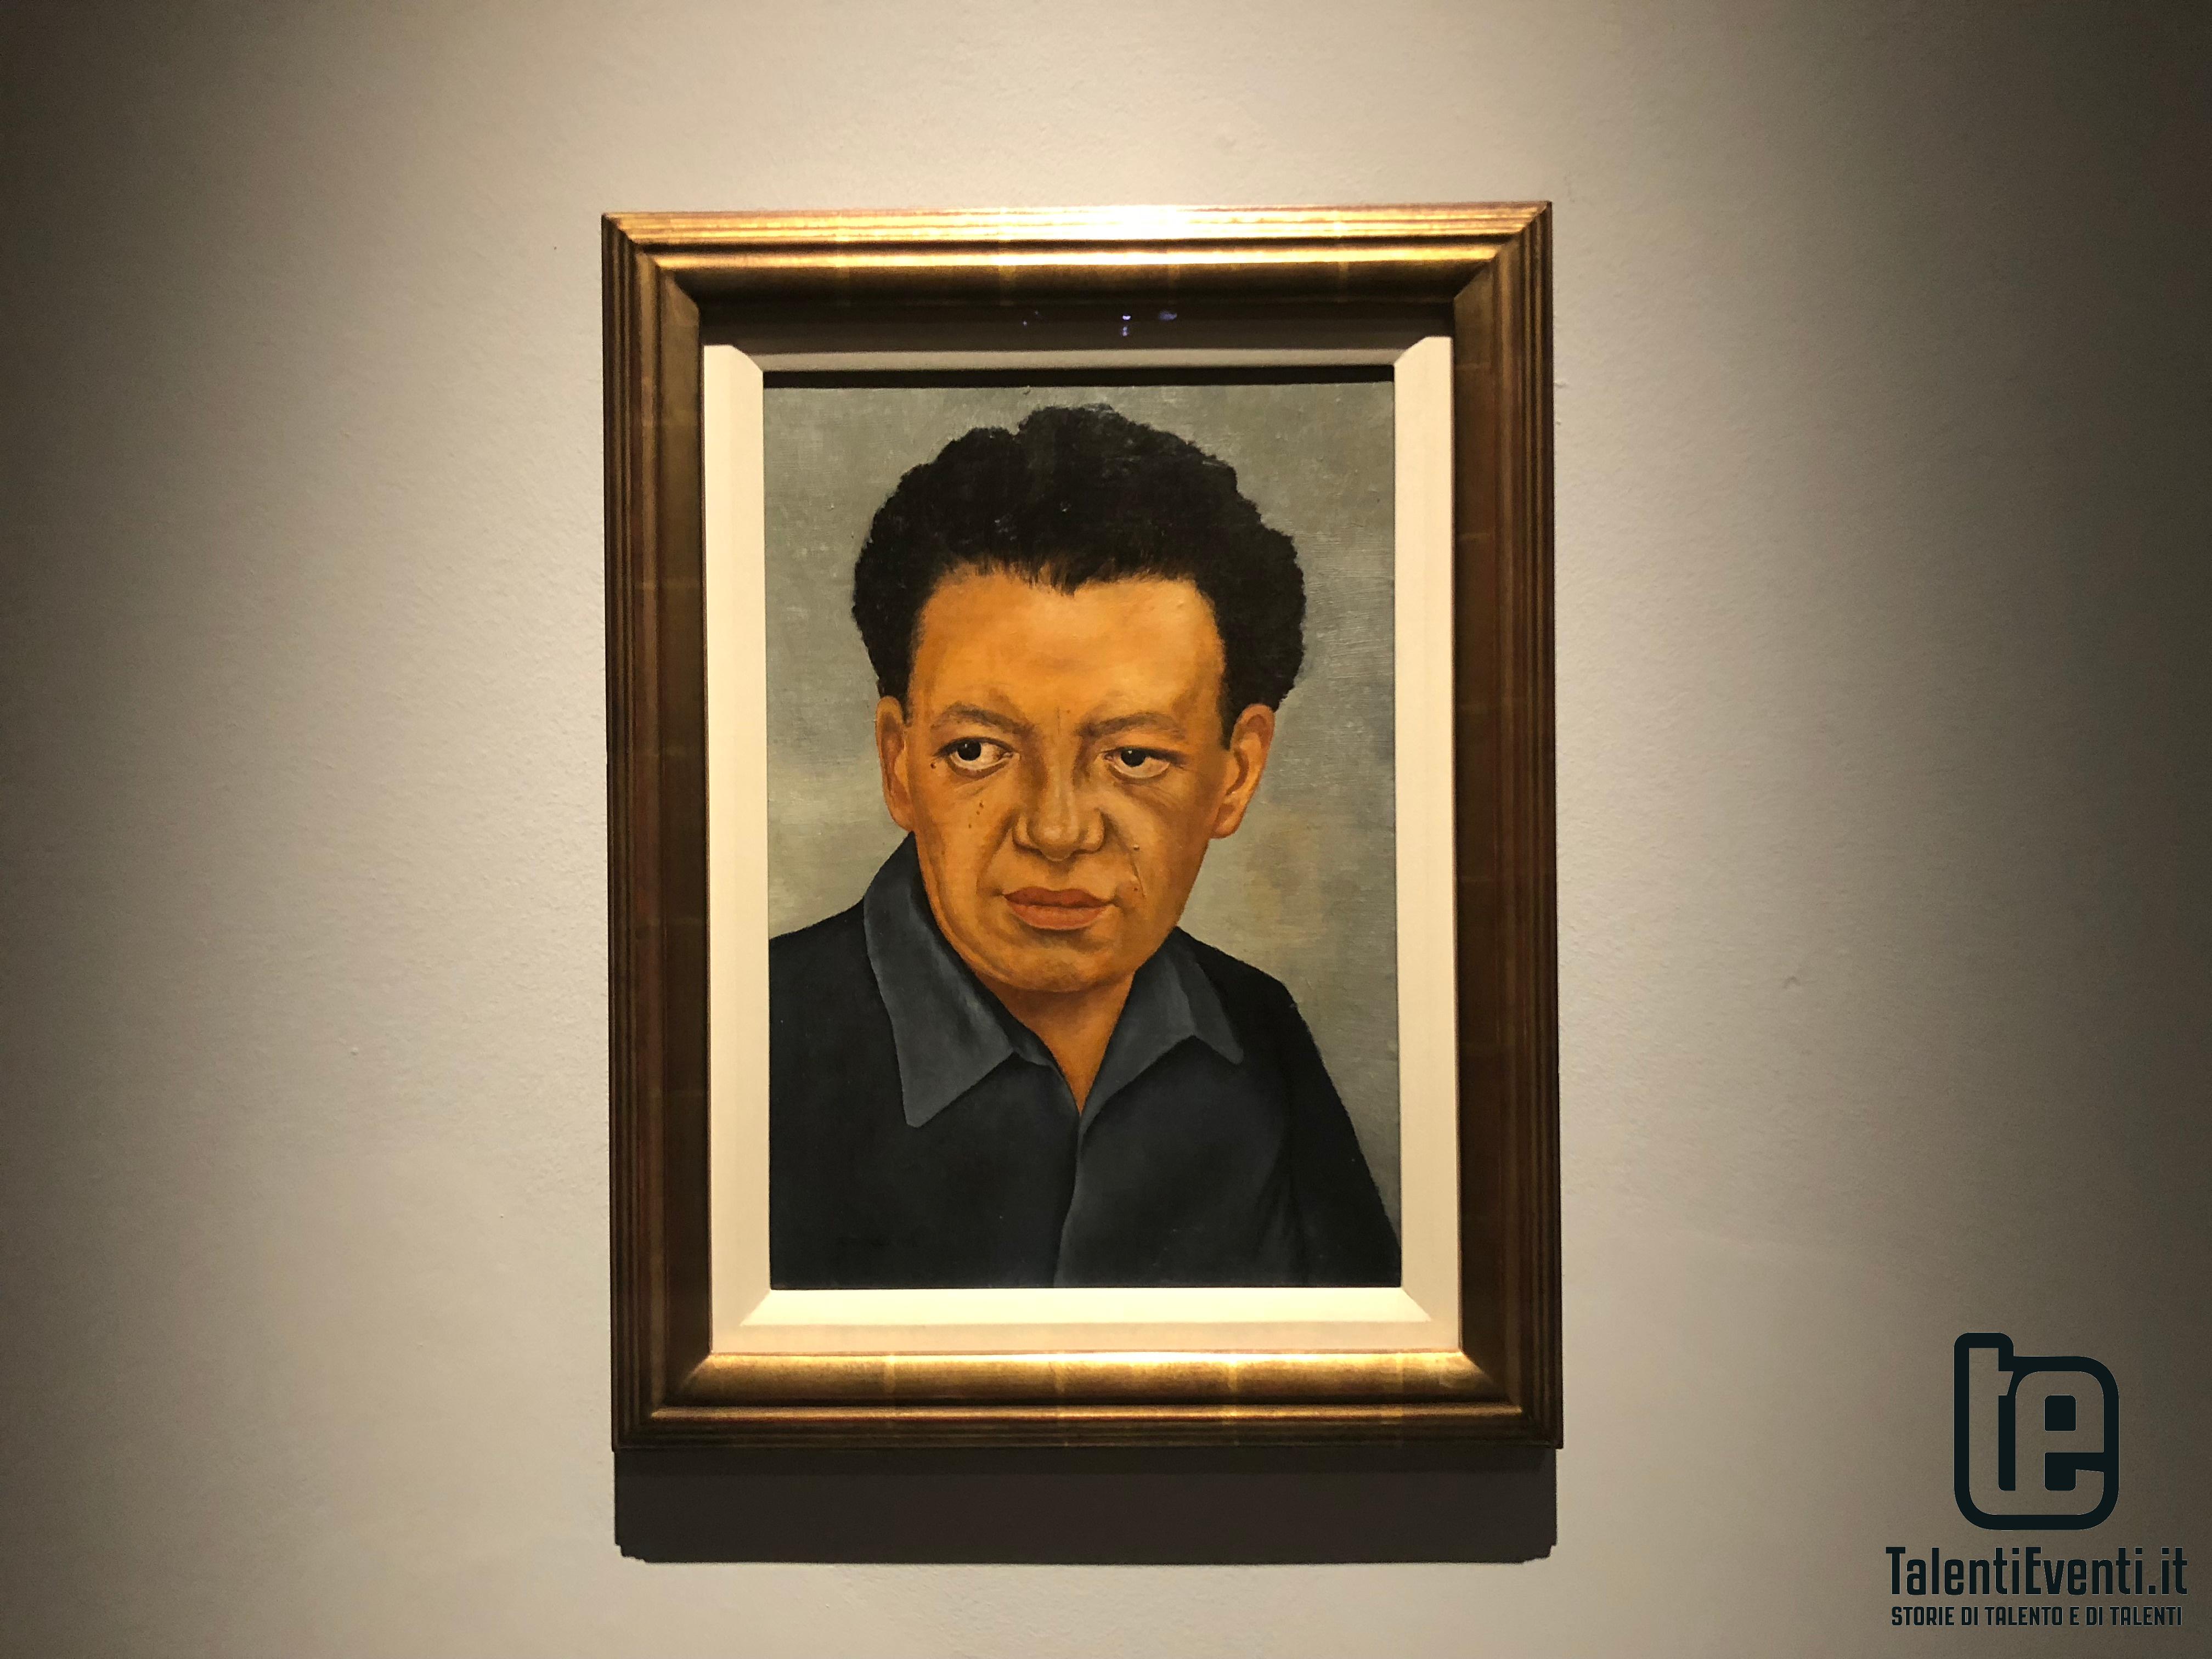 Frida_Kahlo_oltre_il_mito_mudec_milano_talentieventi